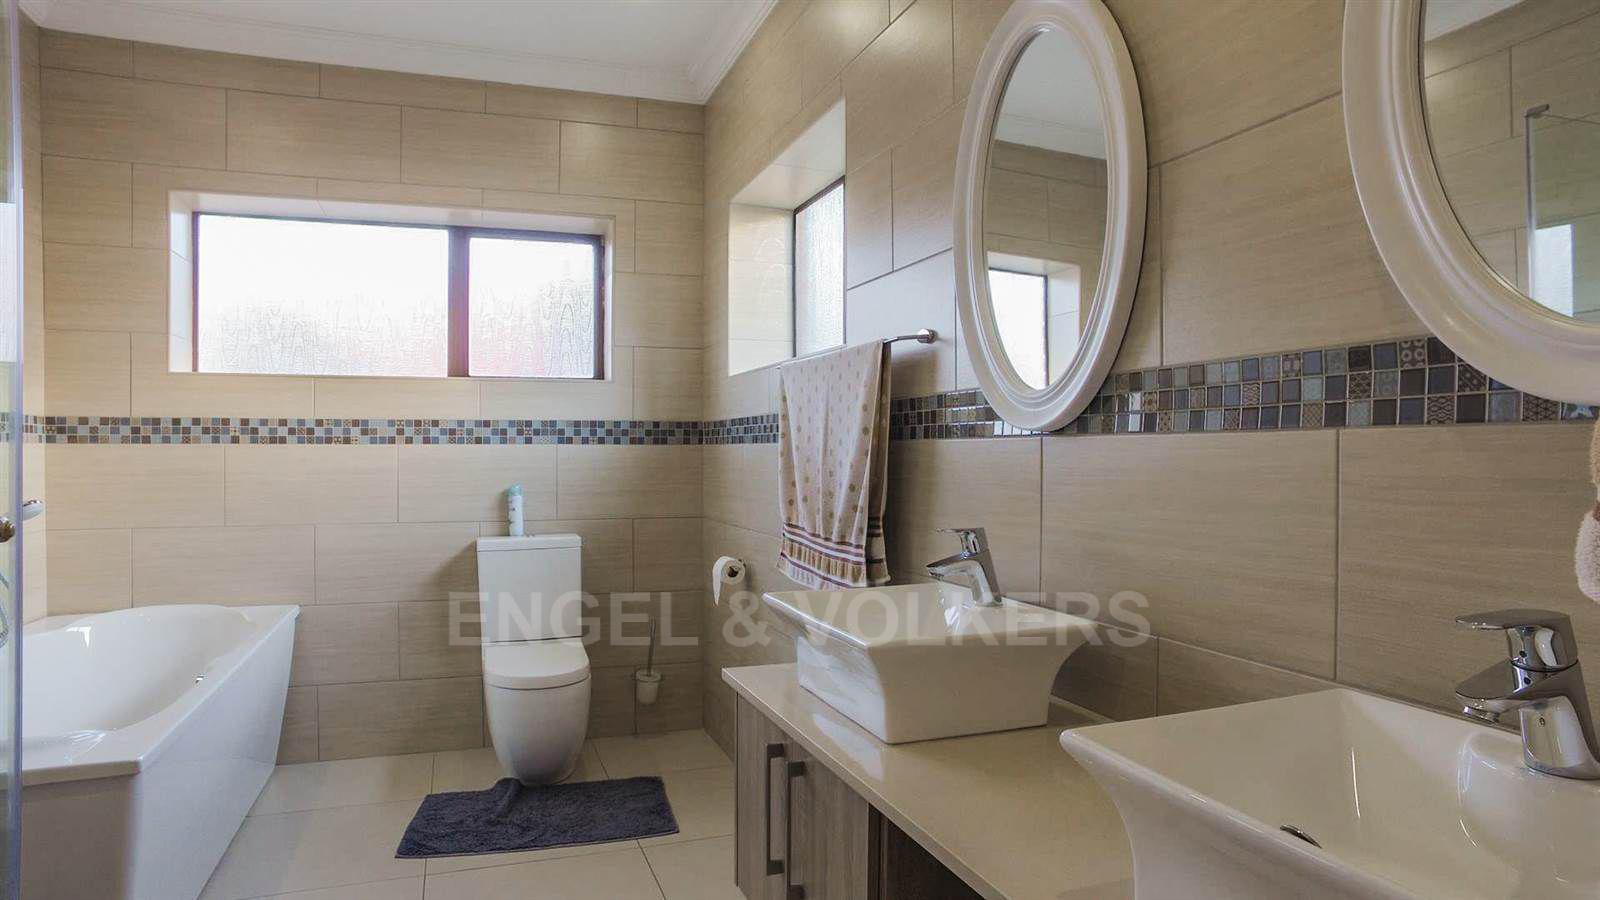 Eldoraigne property for sale. Ref No: 13520407. Picture no 22